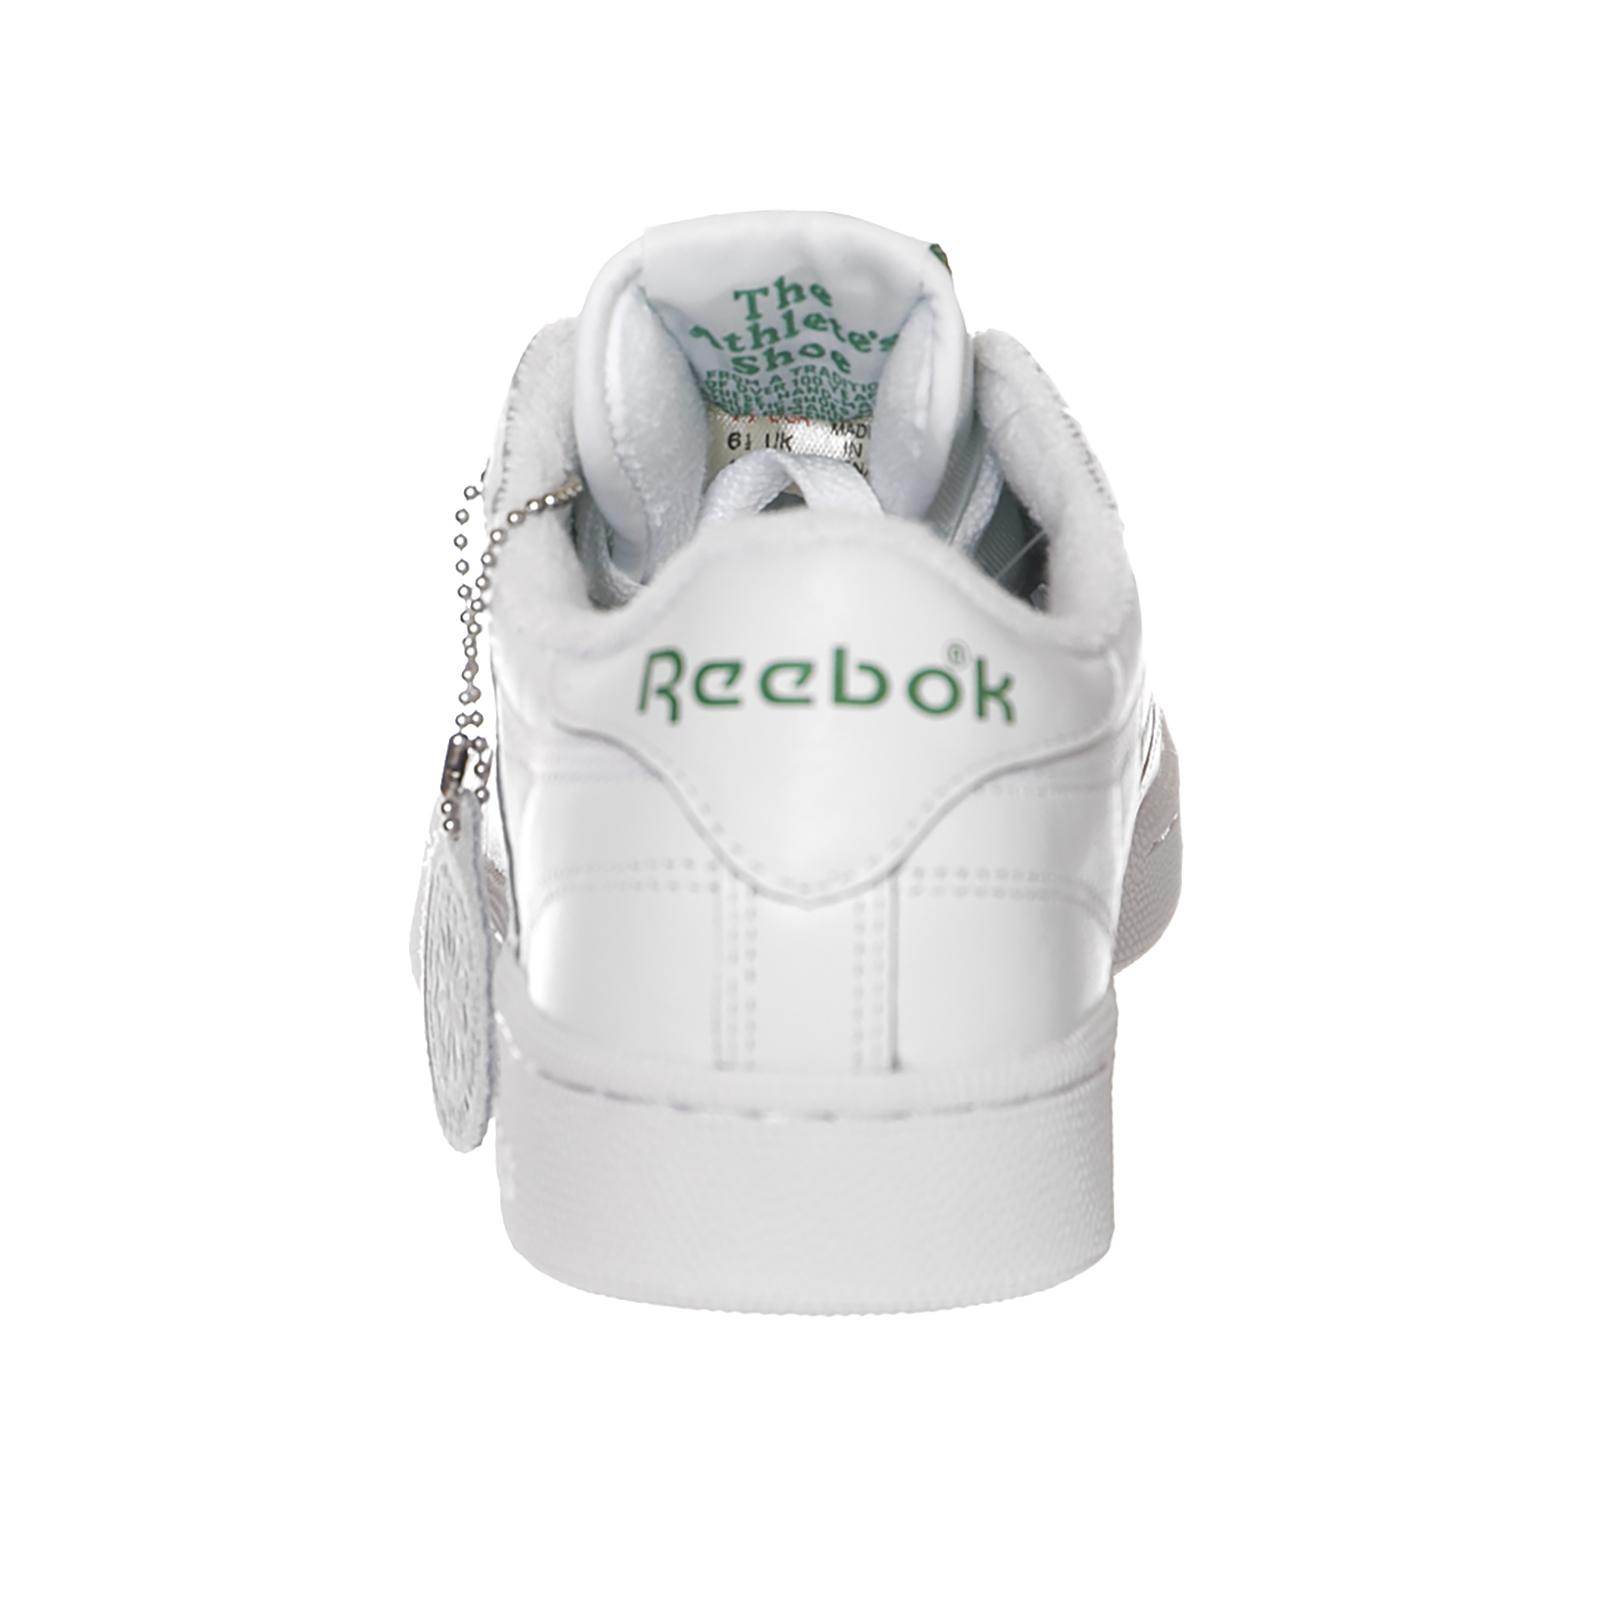 Reebok-Zapatillas-Club-C-85-Archivo-Blanco-Verde-Rojo-Blanco